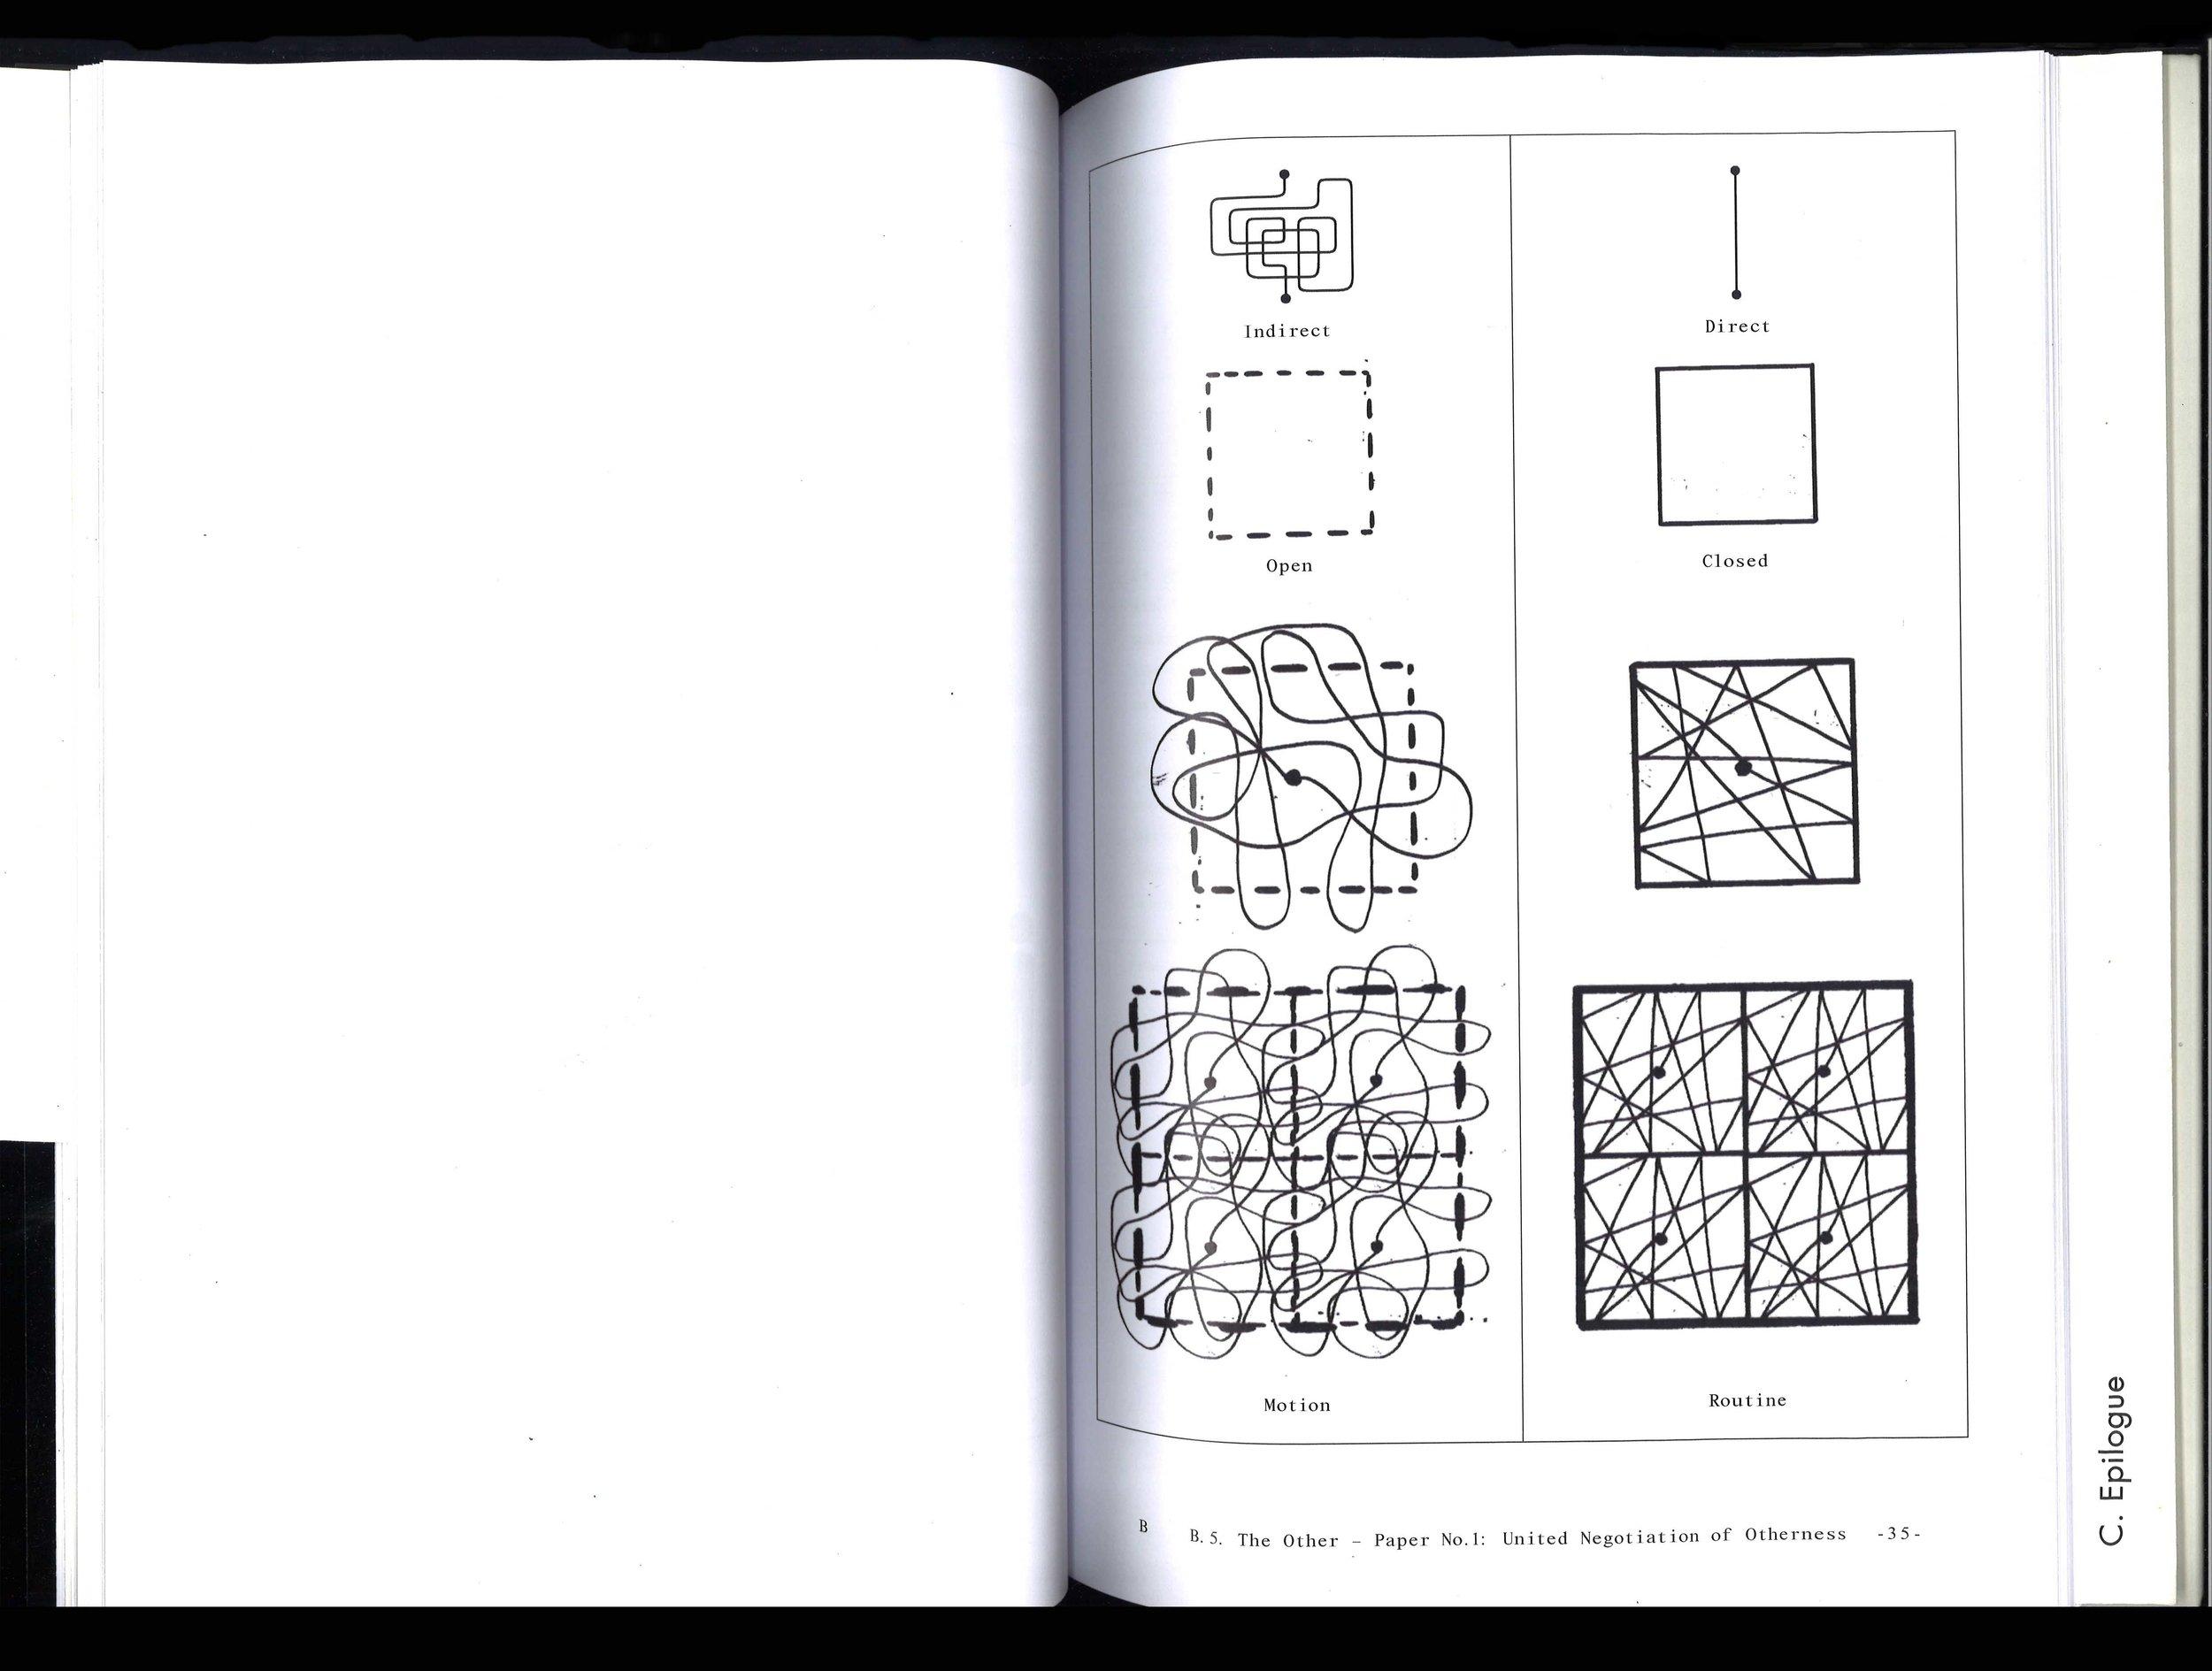 thesis_scans_72dpi (17 von 18).jpg